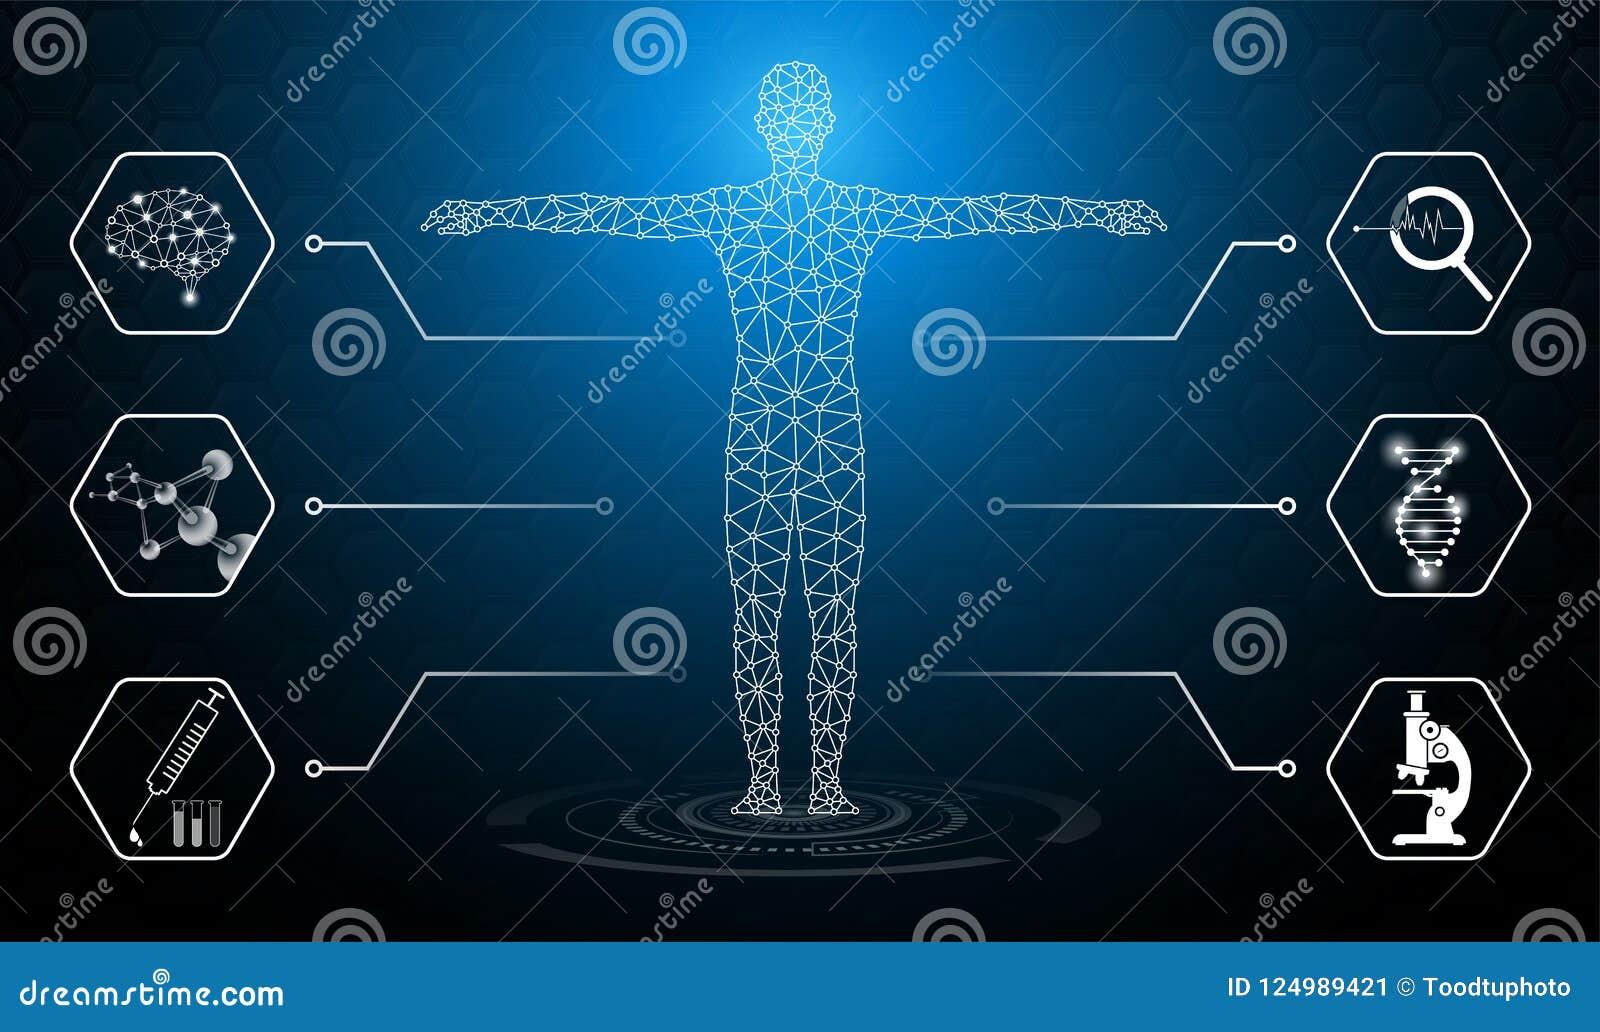 Abstraktes Hintergrundtechnologiekonzept im Blaulicht, Gehirn und menschlicher Körper heilen